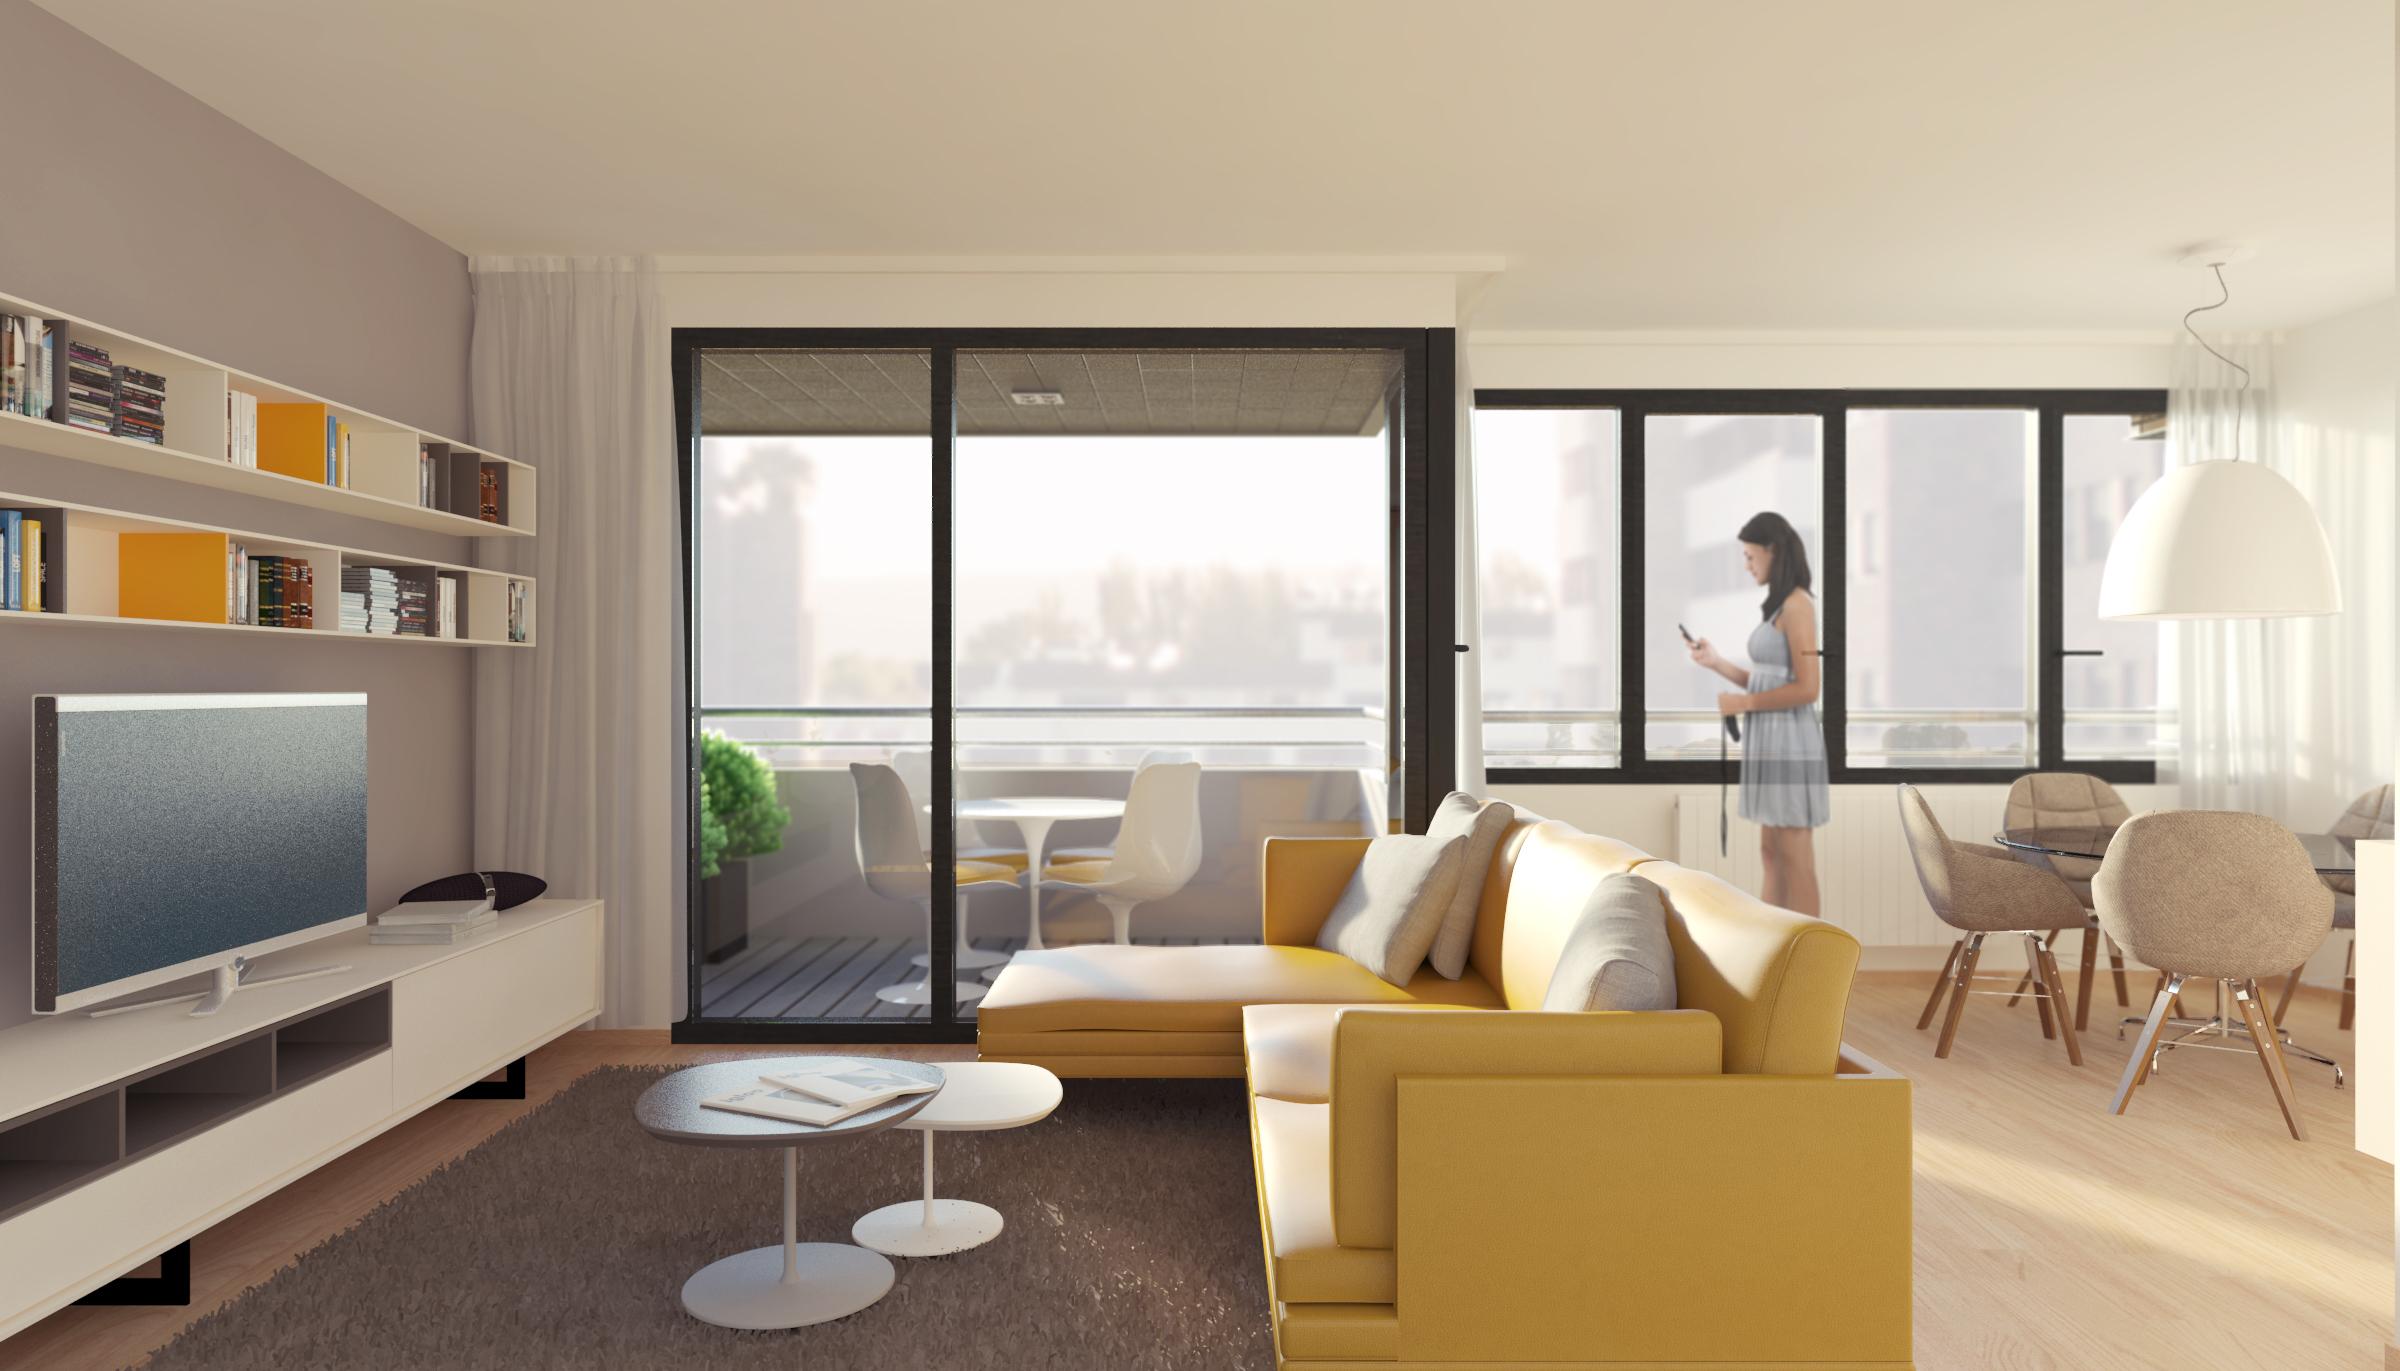 salon 03 dormitorios